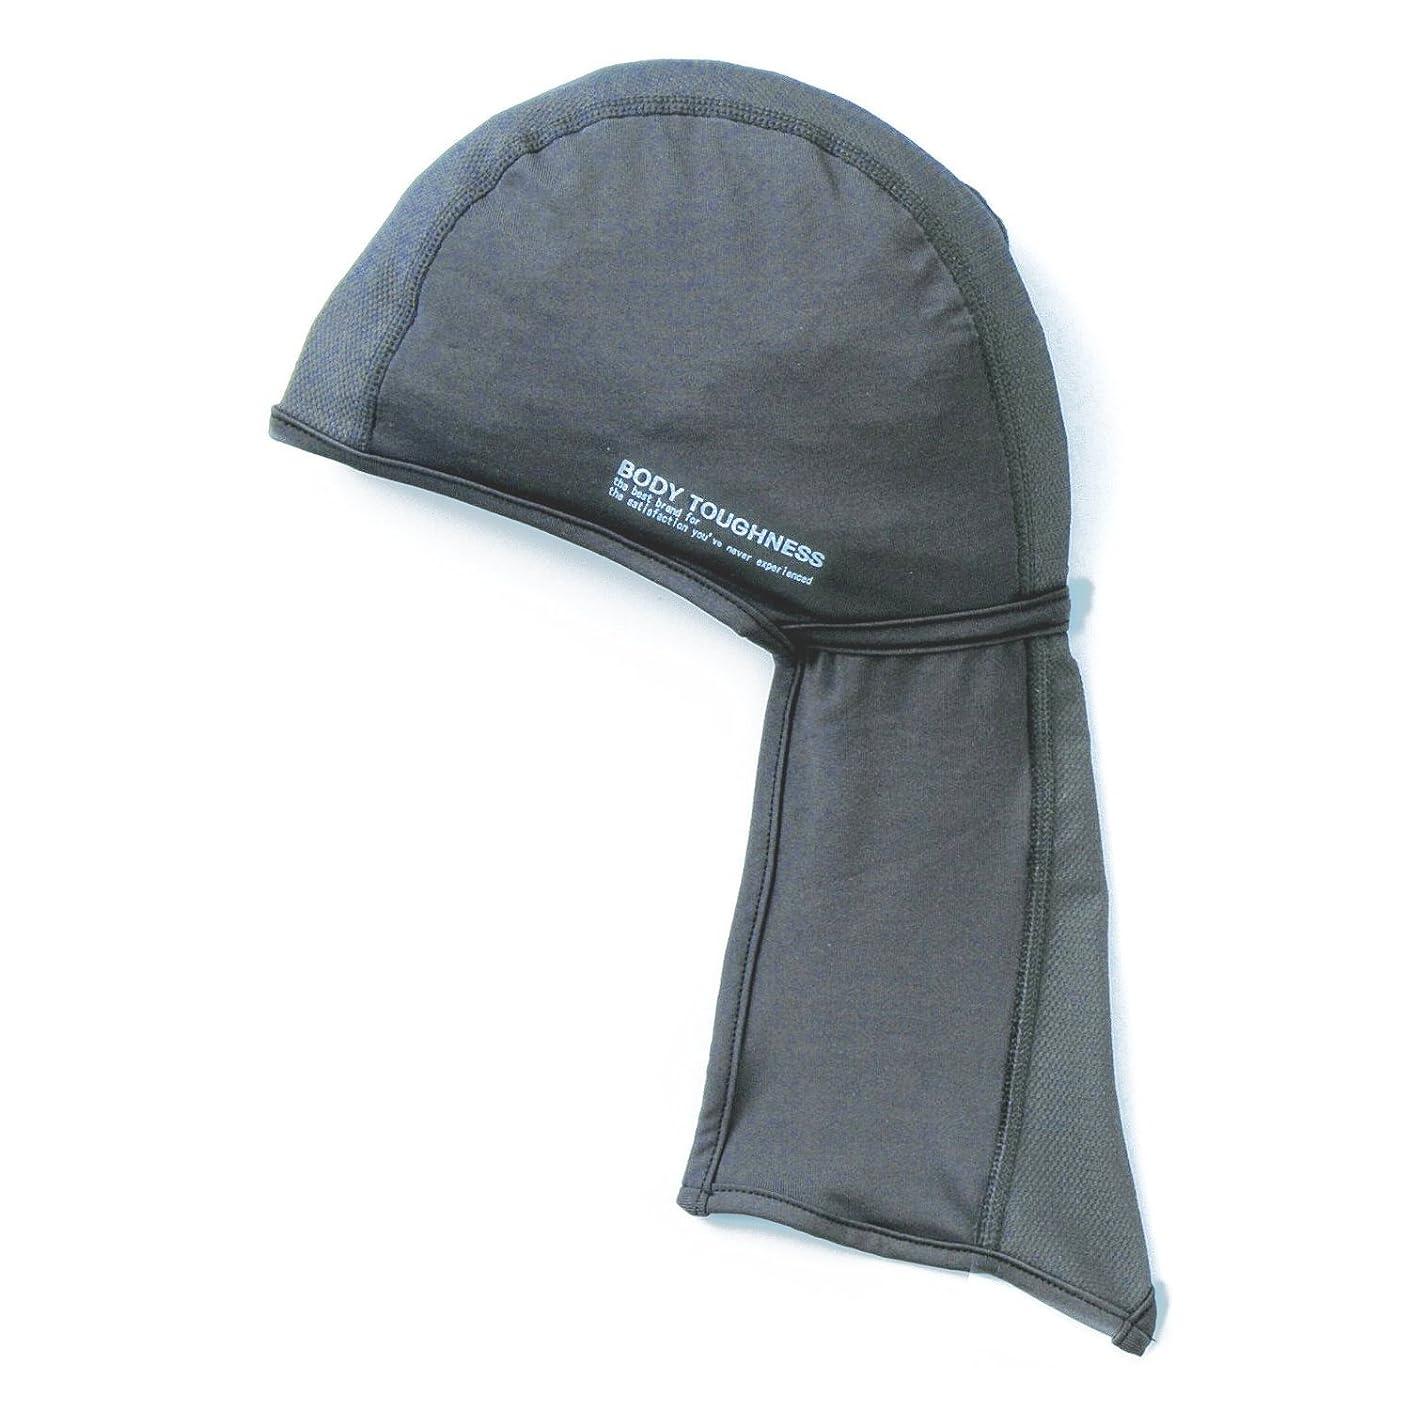 枯渇するコスチュームドラフトおたふく手袋 ボディータフネス 冷感 パワーストレッチ アームカバー Mサイズ ブラック JW-618